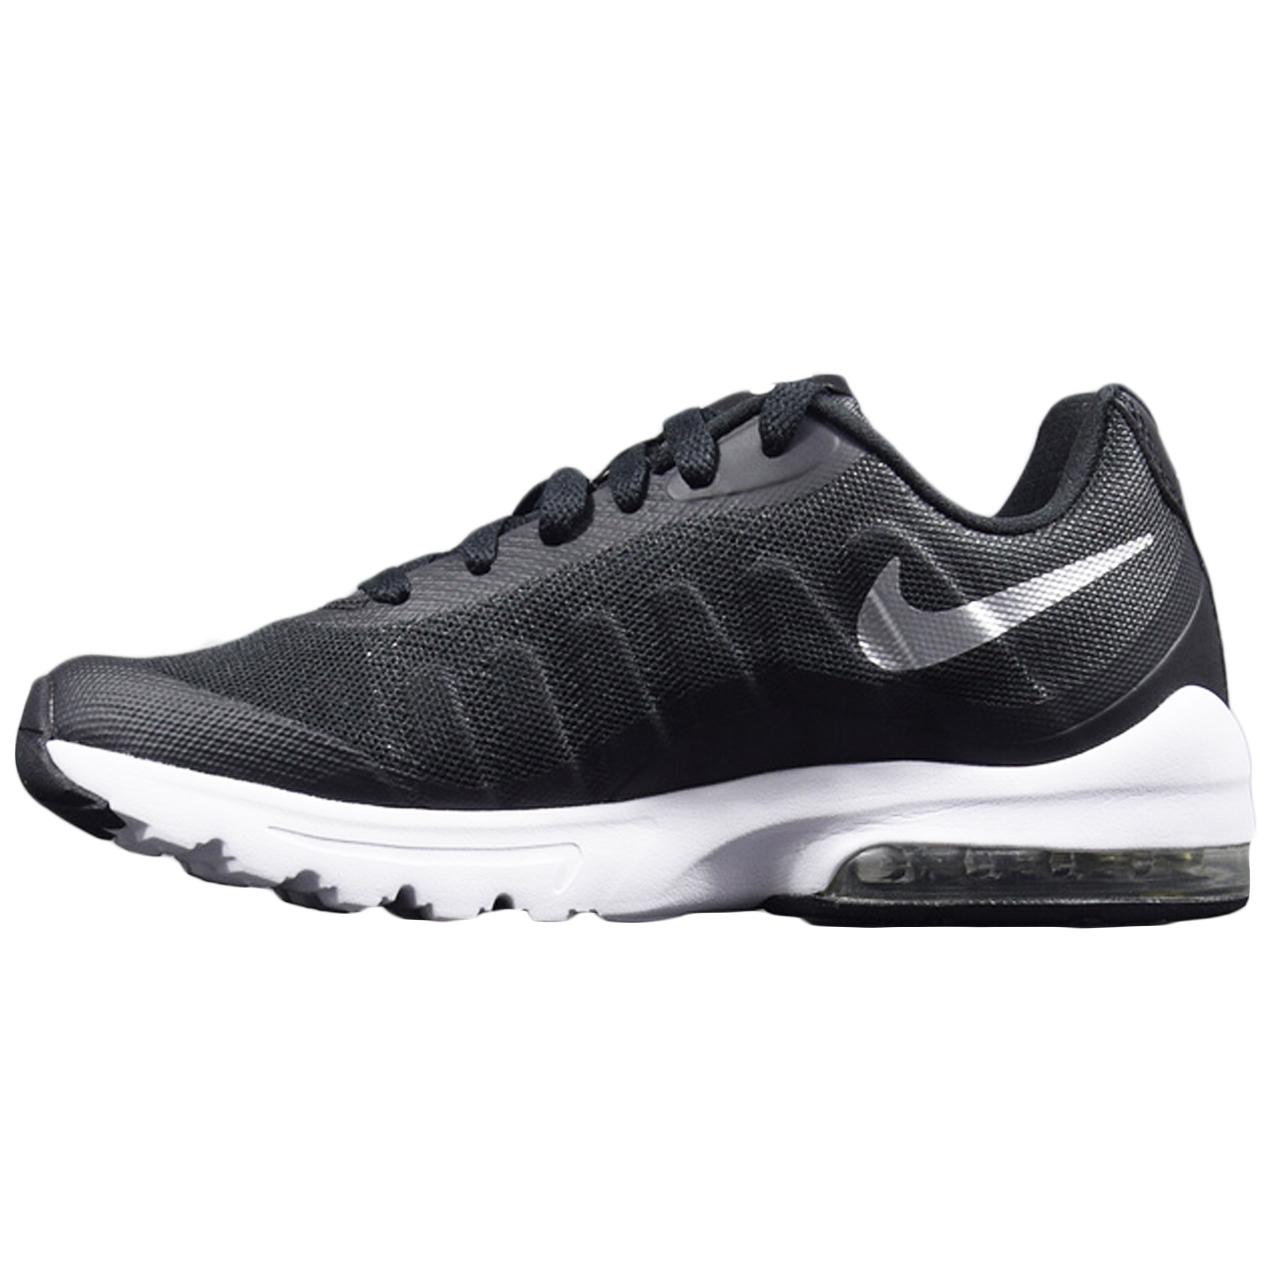 کفش ورزشی مخصوص دویدن و پیاده روی مردانه نایک مدل   Air ma      کد اصلی 565576